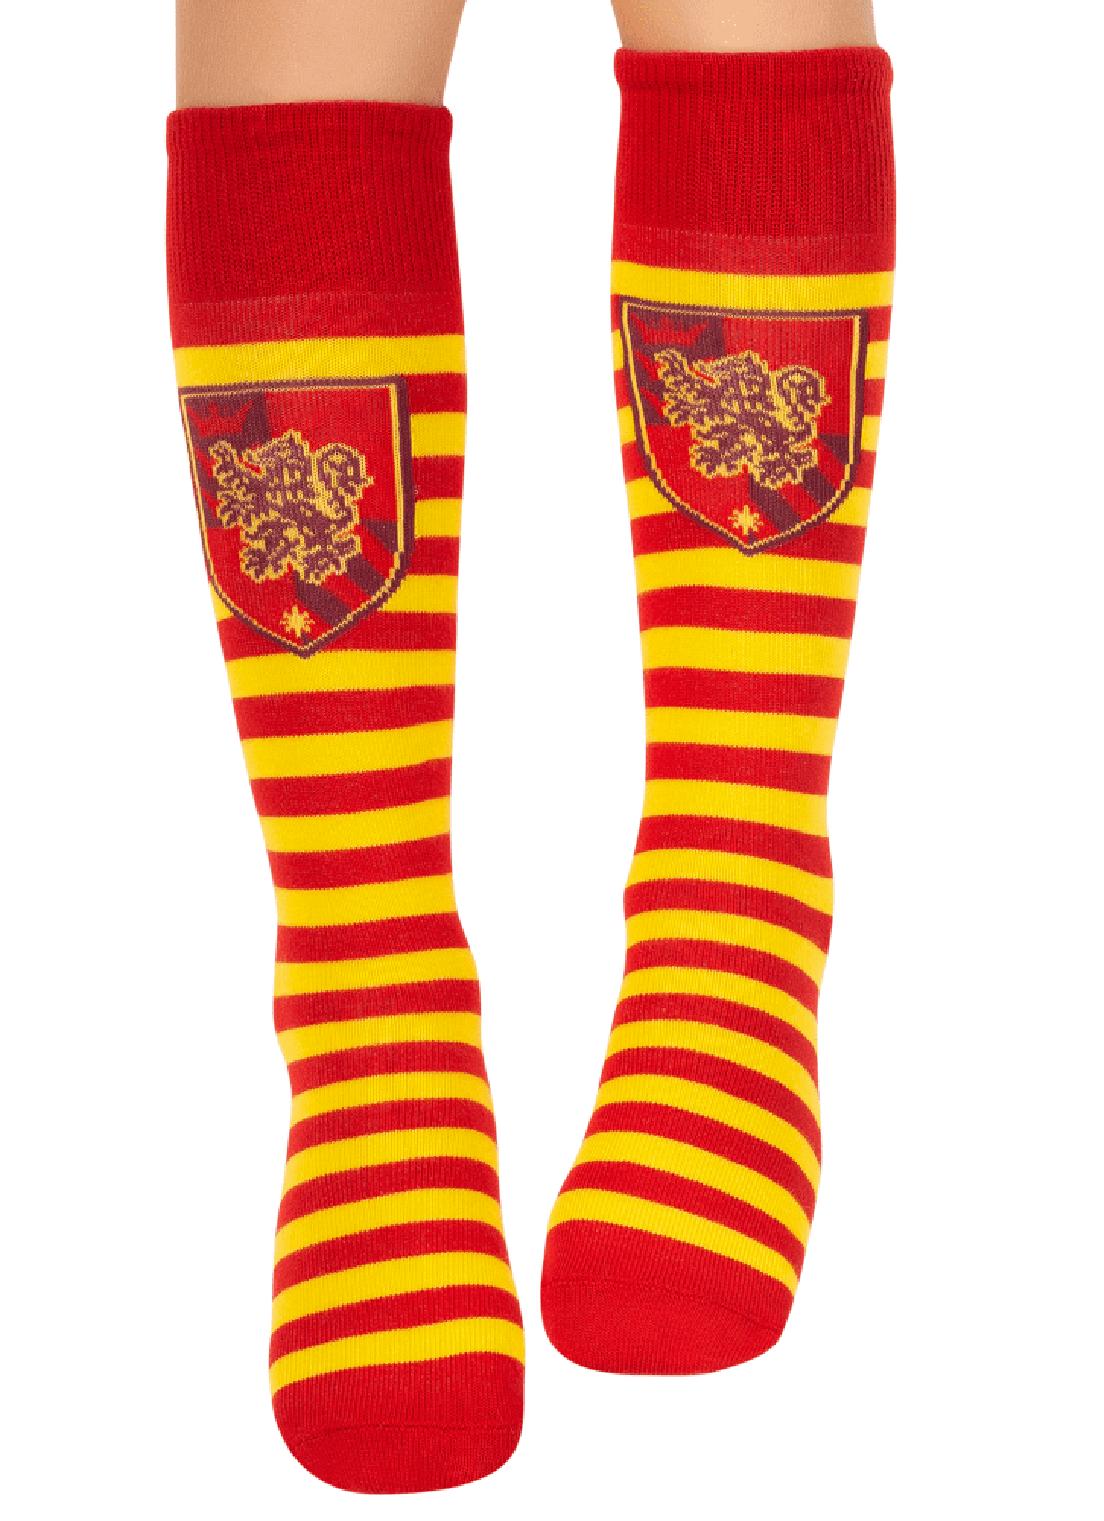 Meia  3/4  Puket Harry Potter  Amarela e vermelha